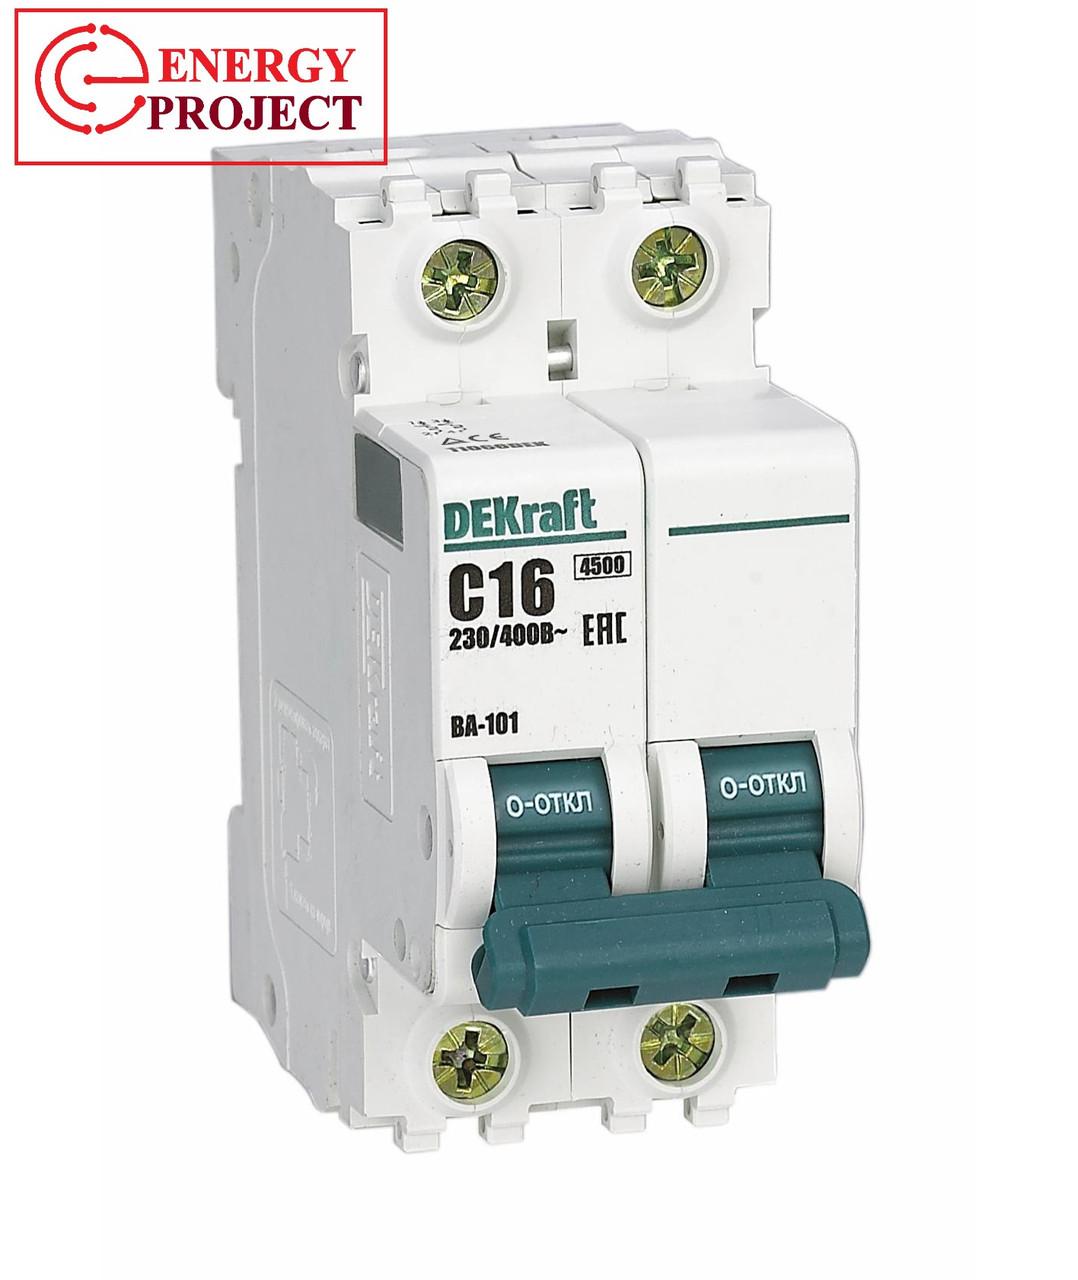 Автоматический выключатель ВА 101 3П 32А(48) Dekraft